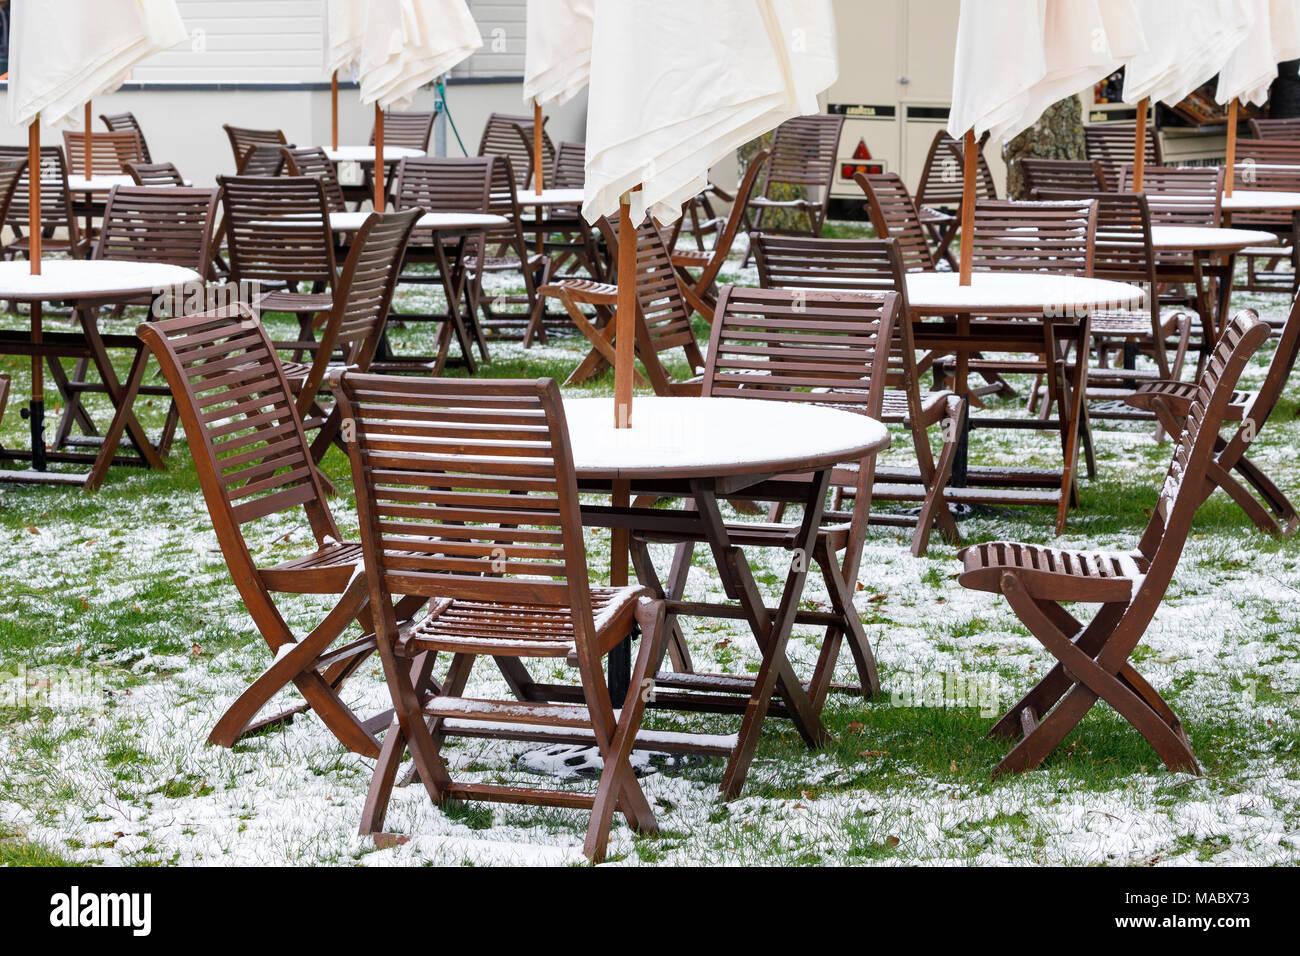 Eine verschneite Essen und Rastplatz am Goodwood 76th Mitgliederversammlung, Sussex, UK. Stockbild